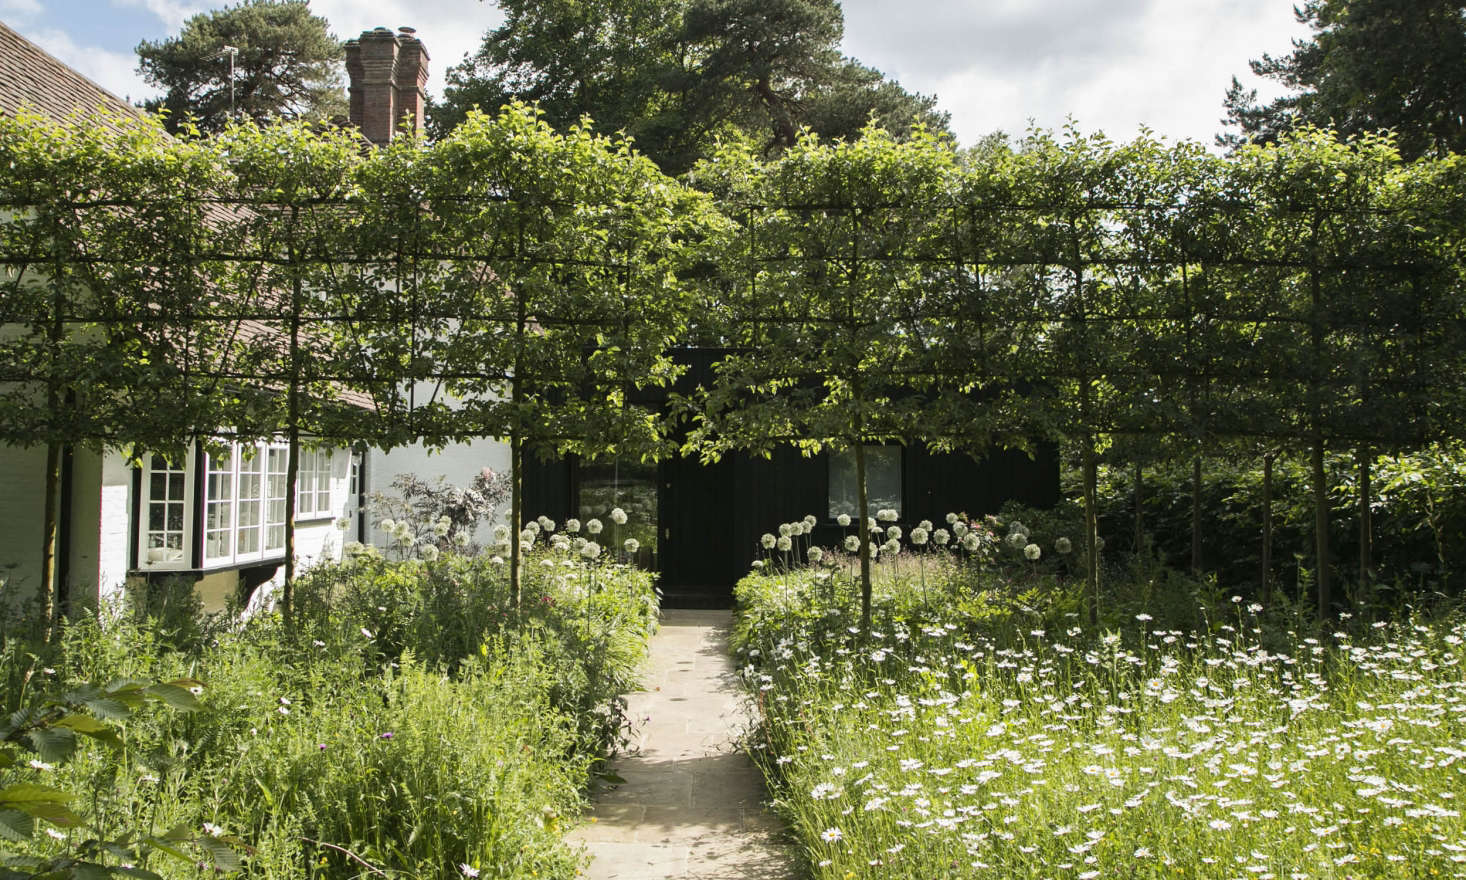 欢迎一根苹果树,苹果的微笑,熟悉的房间。比利时的比利时,是从荷兰的